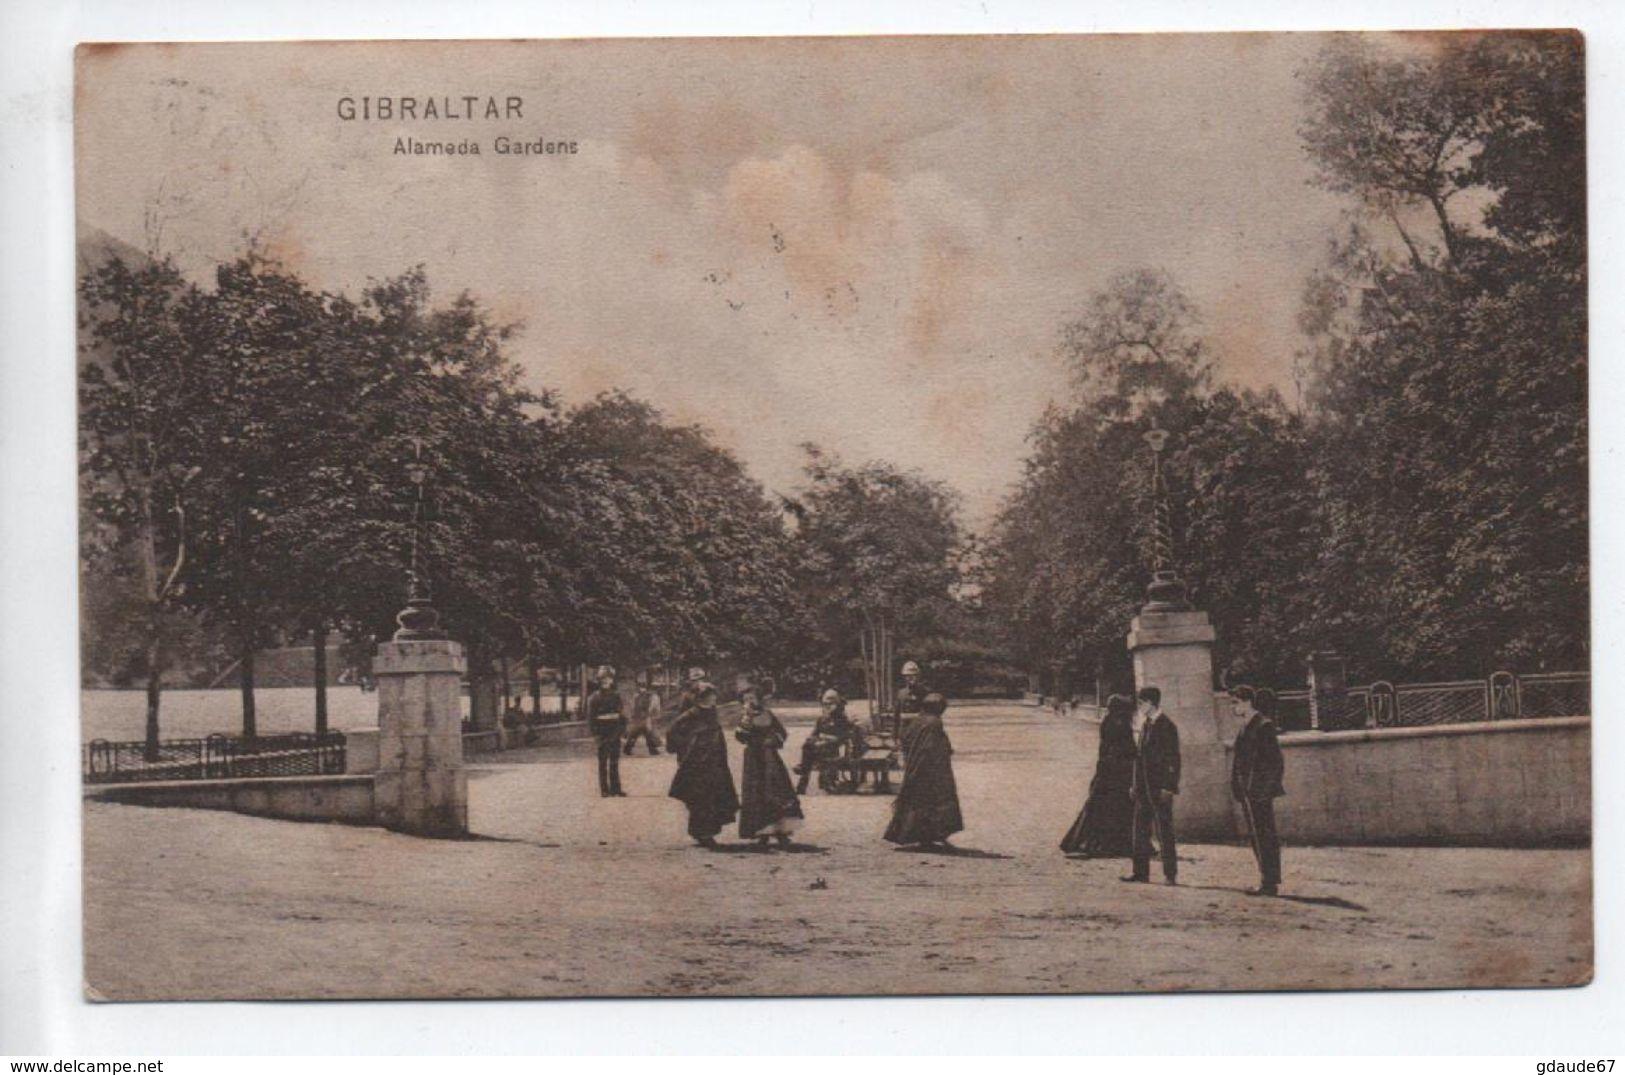 GIBRALTAR - ALAMEDA GARDENS - Gibraltar